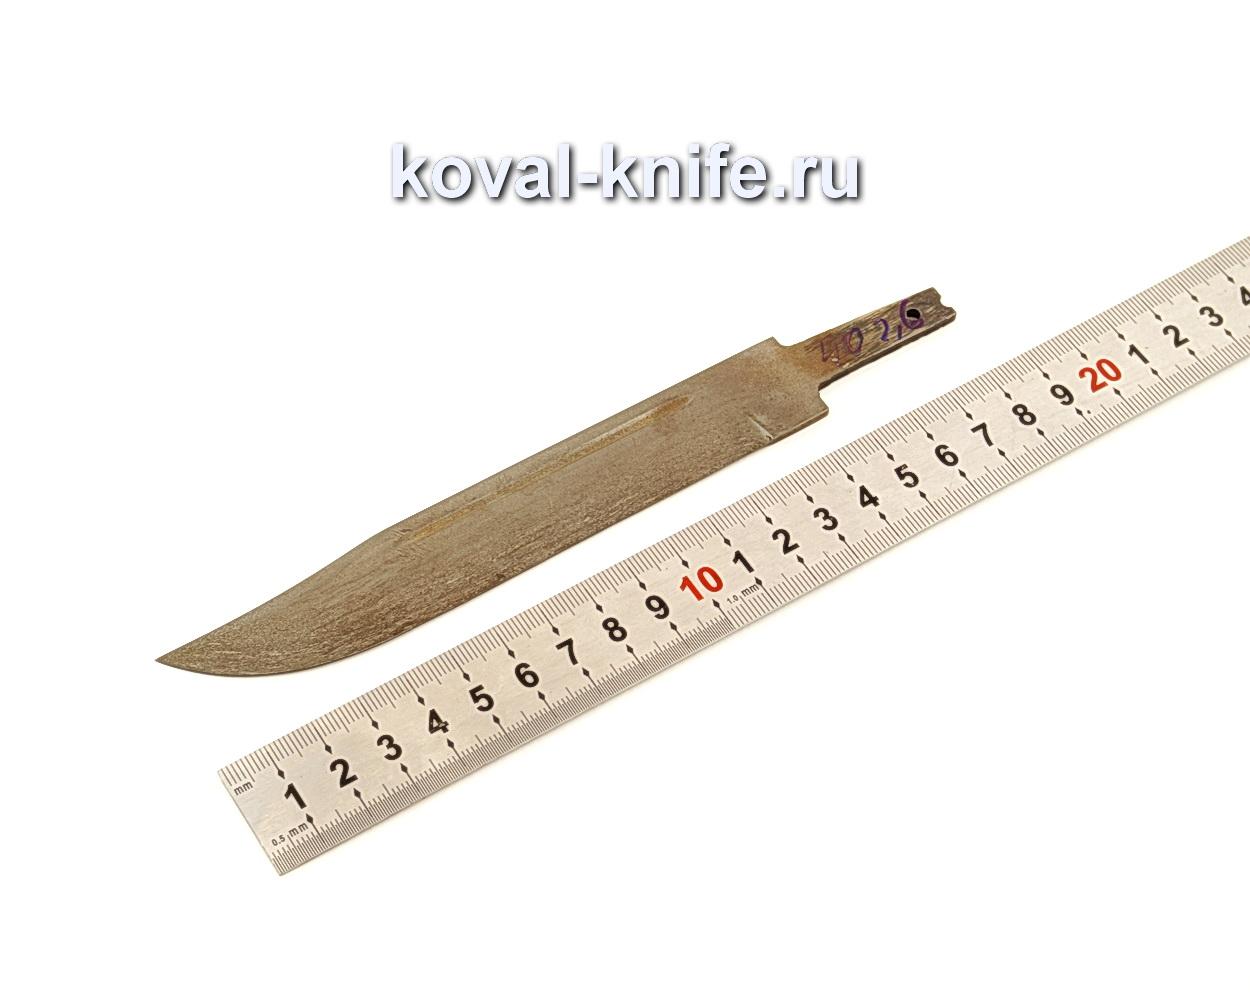 Клинок для ножа НР40 из булатной стали N40